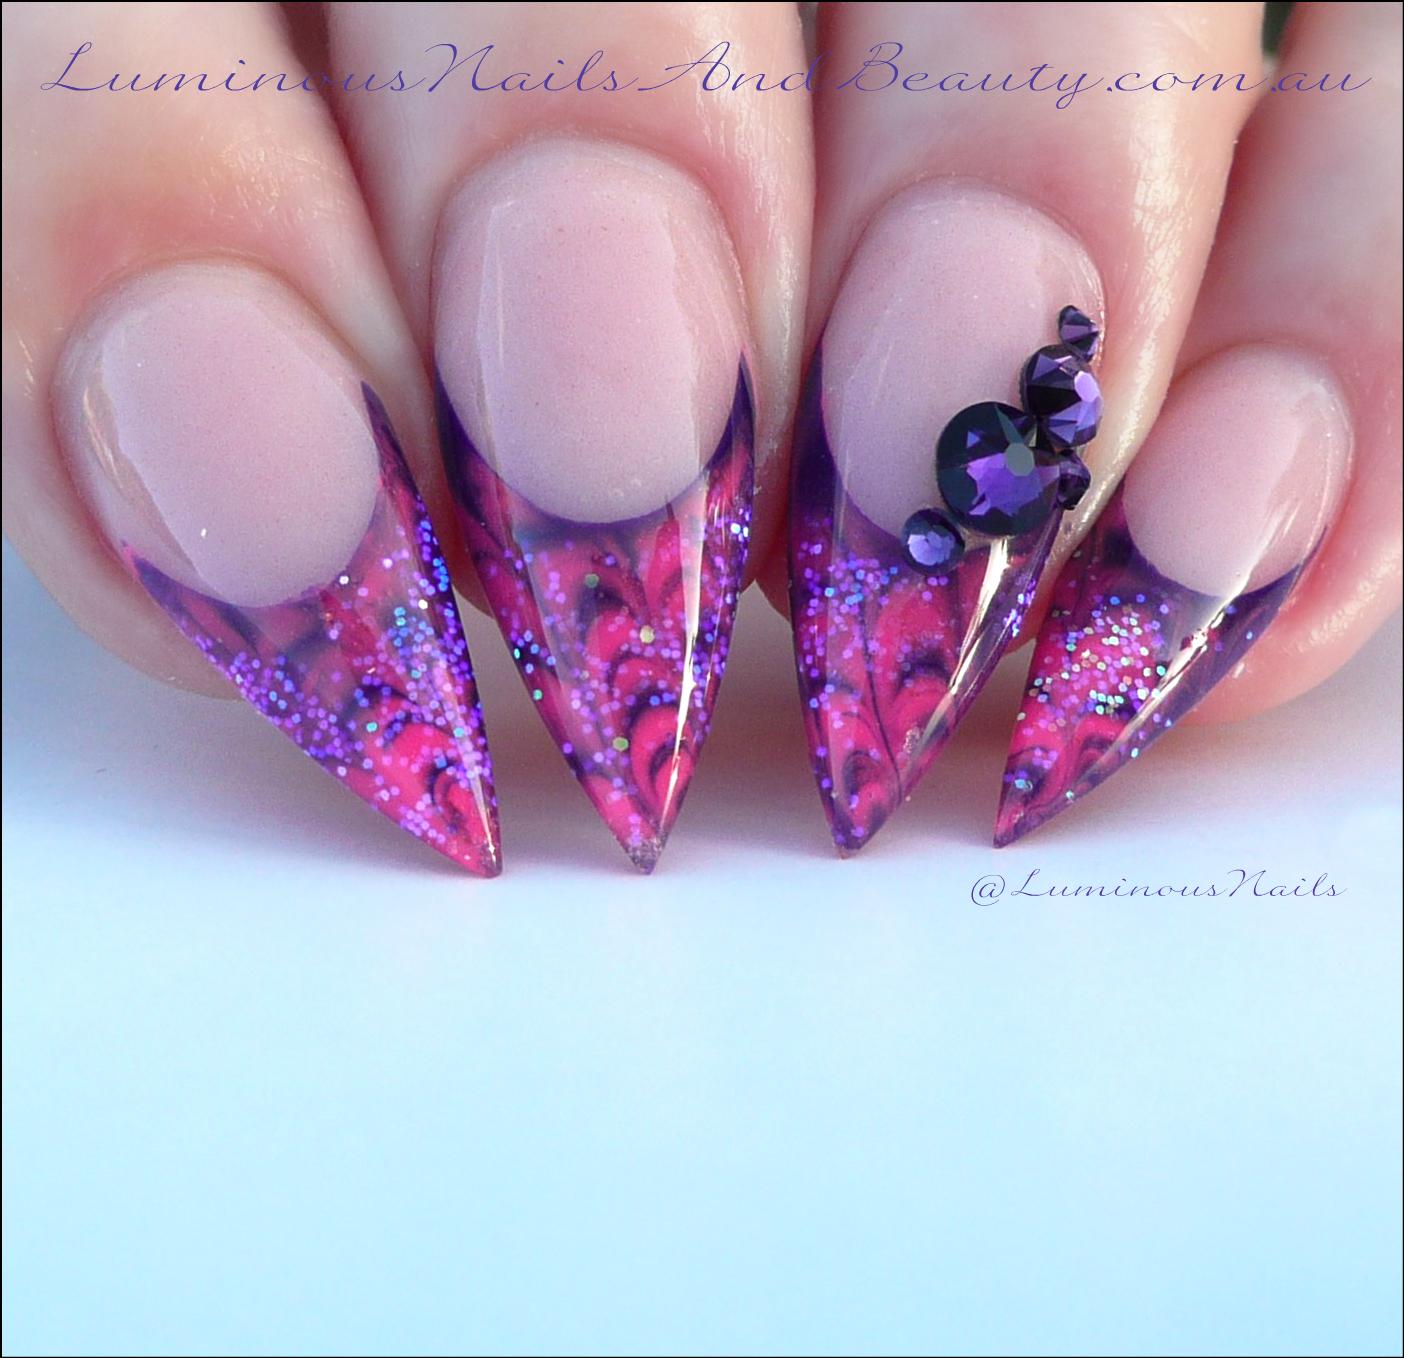 Luminous Nails: Marbleised Hot Pink & Purple Gel Nails.